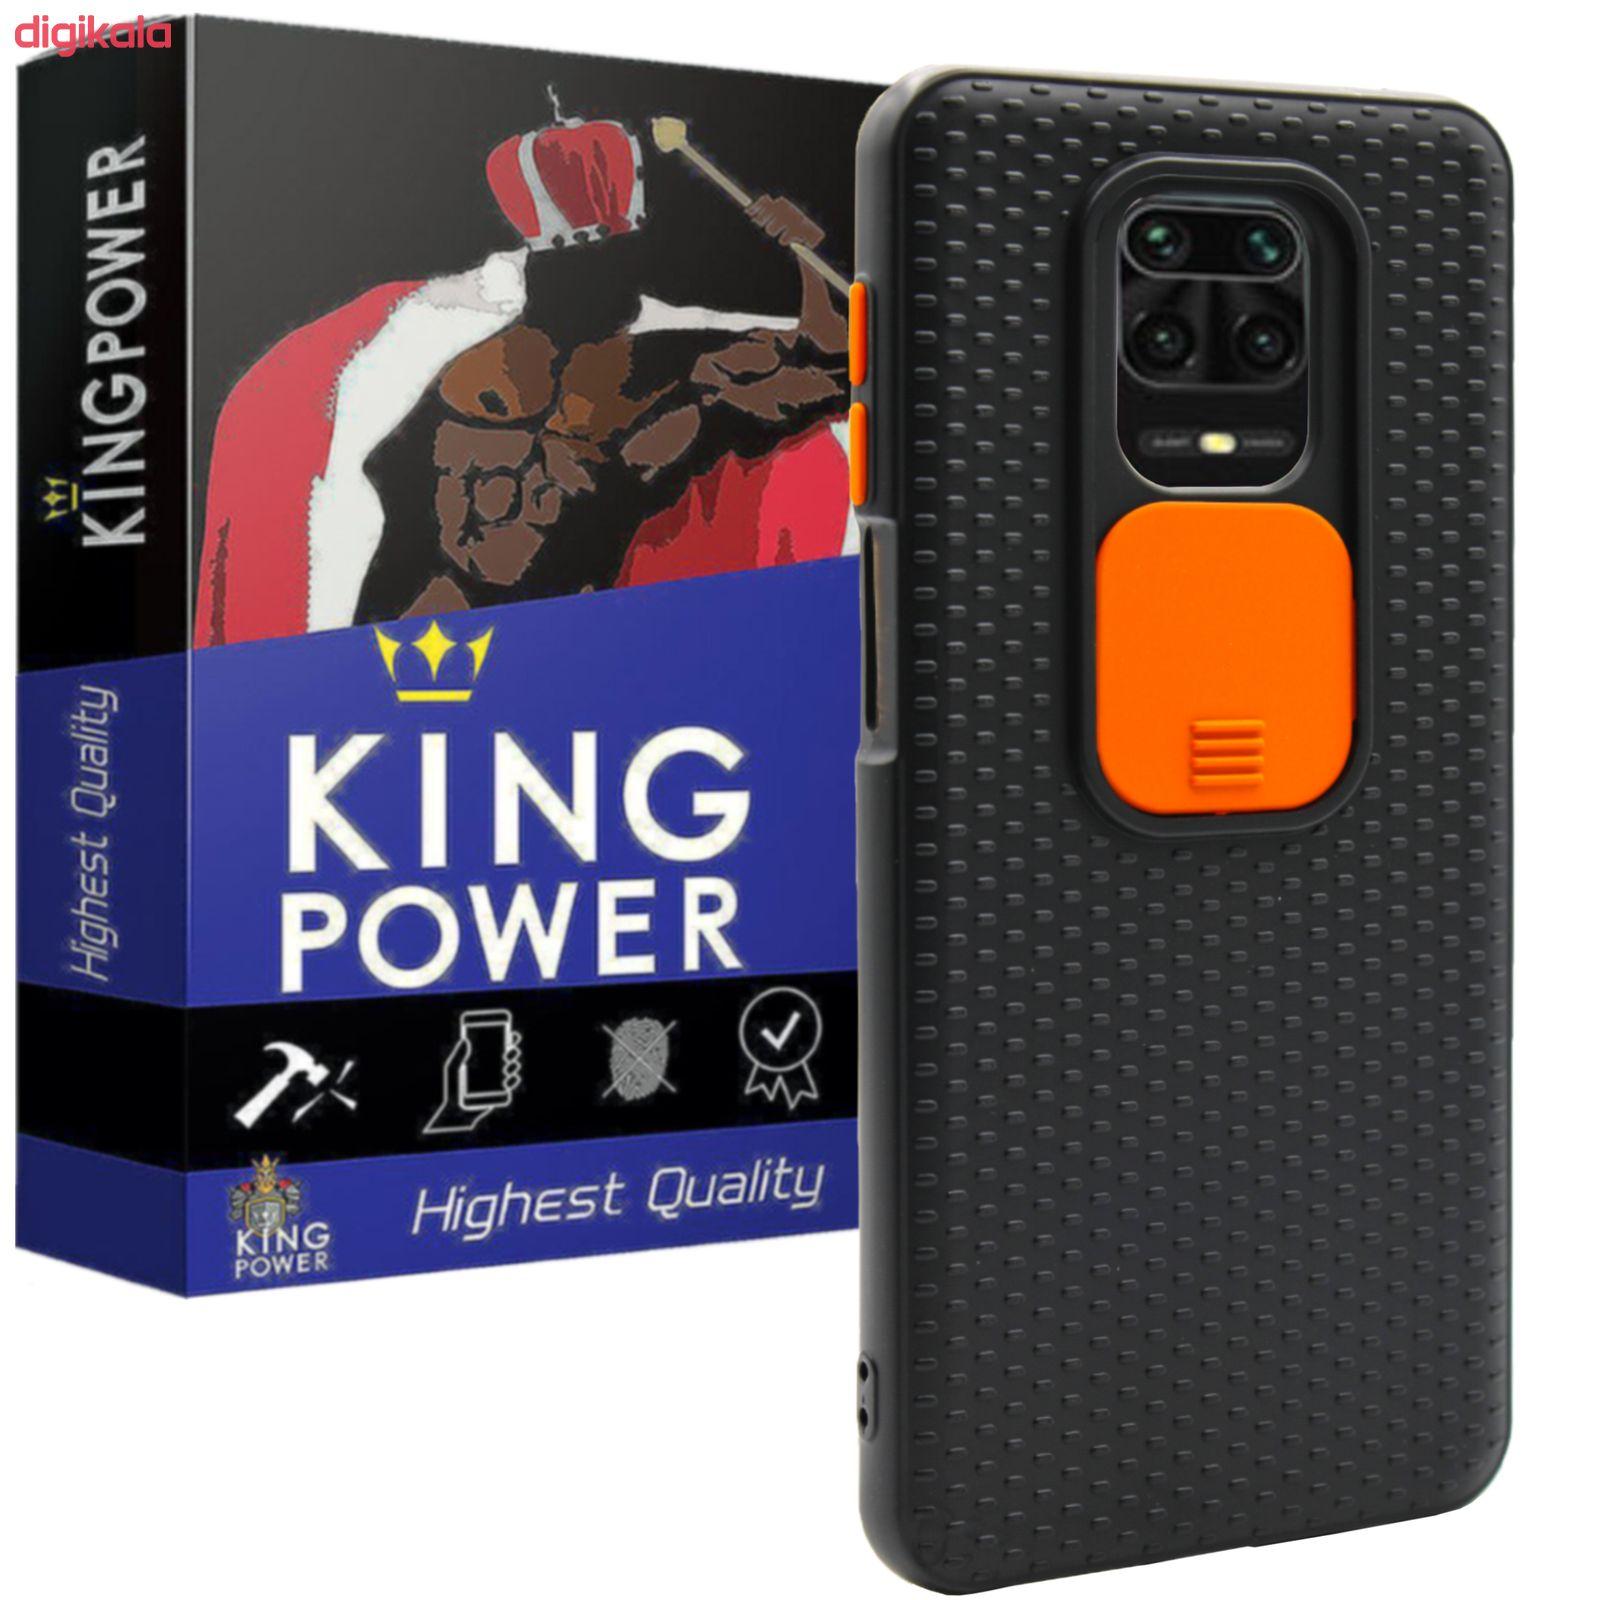 کاور کینگ پاور مدل X21 مناسب برای گوشی موبایل شیائومی Redmi Note 9S / Note 9 Pro / Note 9 Pro Max main 1 1